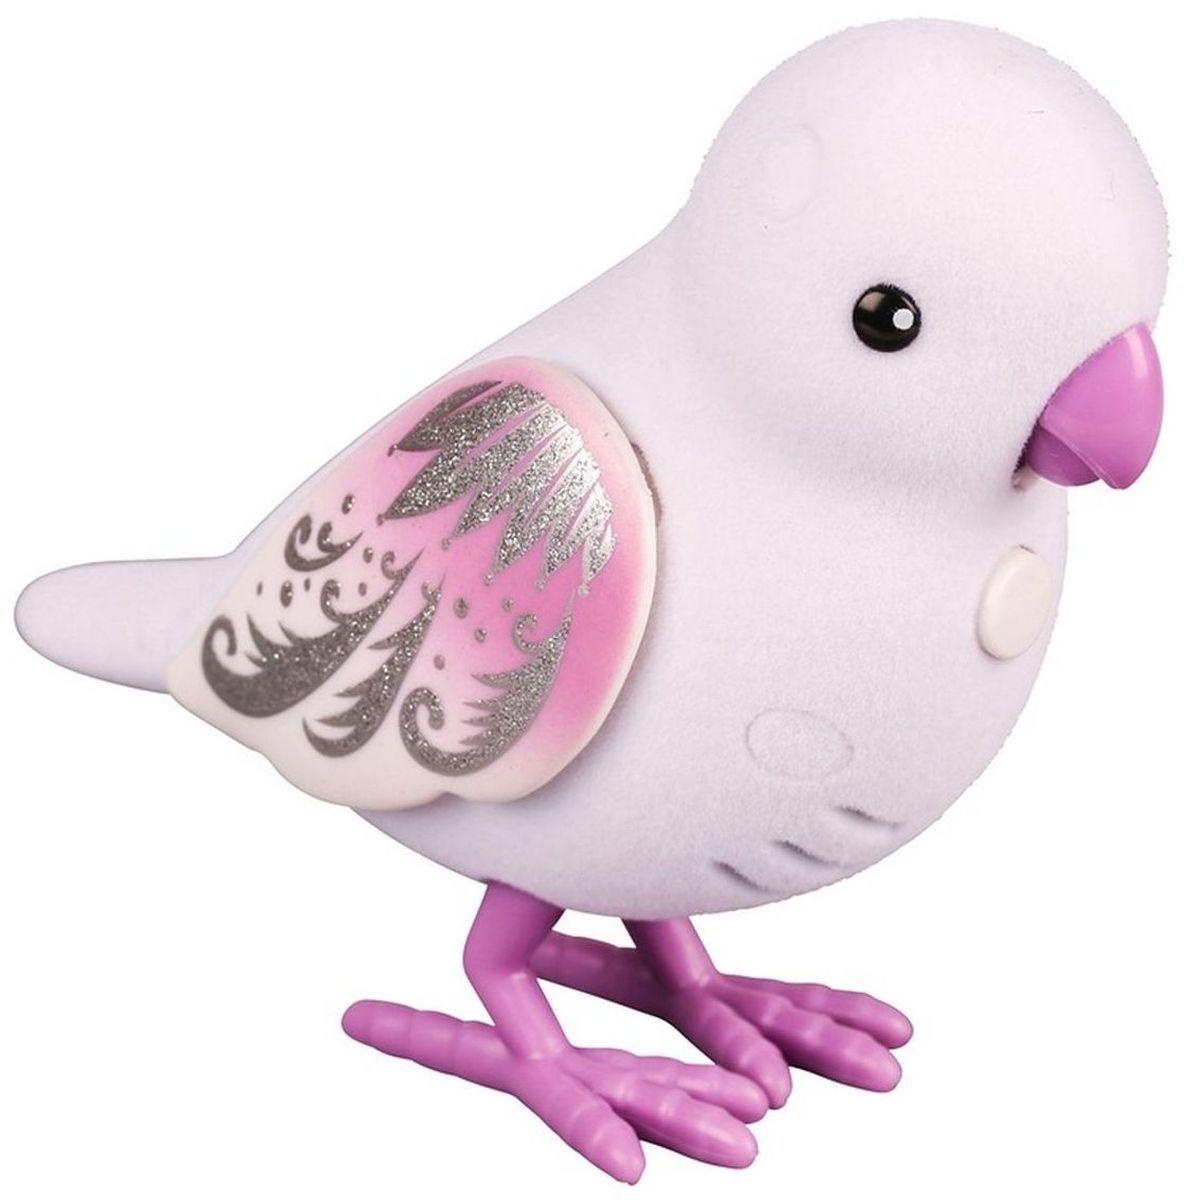 Little Live Pets Интерактивная игрушка Птичка цвет белый фиолетовый28234/ast28232(28234,28235,28236,28237,28238,28239)Интерактивная птичка Little Live Pets порадует вас ярким видом и звонким пением. На брюшке птички находится переключатель включения-выключения. На спинке - сенсорный датчик. Если птичку погладить по голове, она споет для вас. В ее репертуаре 30 мелодий. В одиночестве она щебечет и тихо поет, чтобы на нее обратили внимание. Через полчаса в одиночестве птичка засыпает, чтобы разбудить ее, нужно нажать на кнопку на ее груди. Если эту кнопку удерживать, птичка повторит за вами произнесенную фразу. У птички двигаются лапки, и она взмахивает своими крылышками. Это замечательный подарок для тех, кто по каким-то причинам не может завезти в доме настоящую птичку. Игрушка изготовлена из высококачественного пластика, обтянутого приятным на ощупь флоком. Ребенок с радостью будет брать с собой на прогулку своего питомца, ведь он помещается в маленькой ладони малыша. Для работы требуются 2 батарейки типа AАА (не входят в комплект).